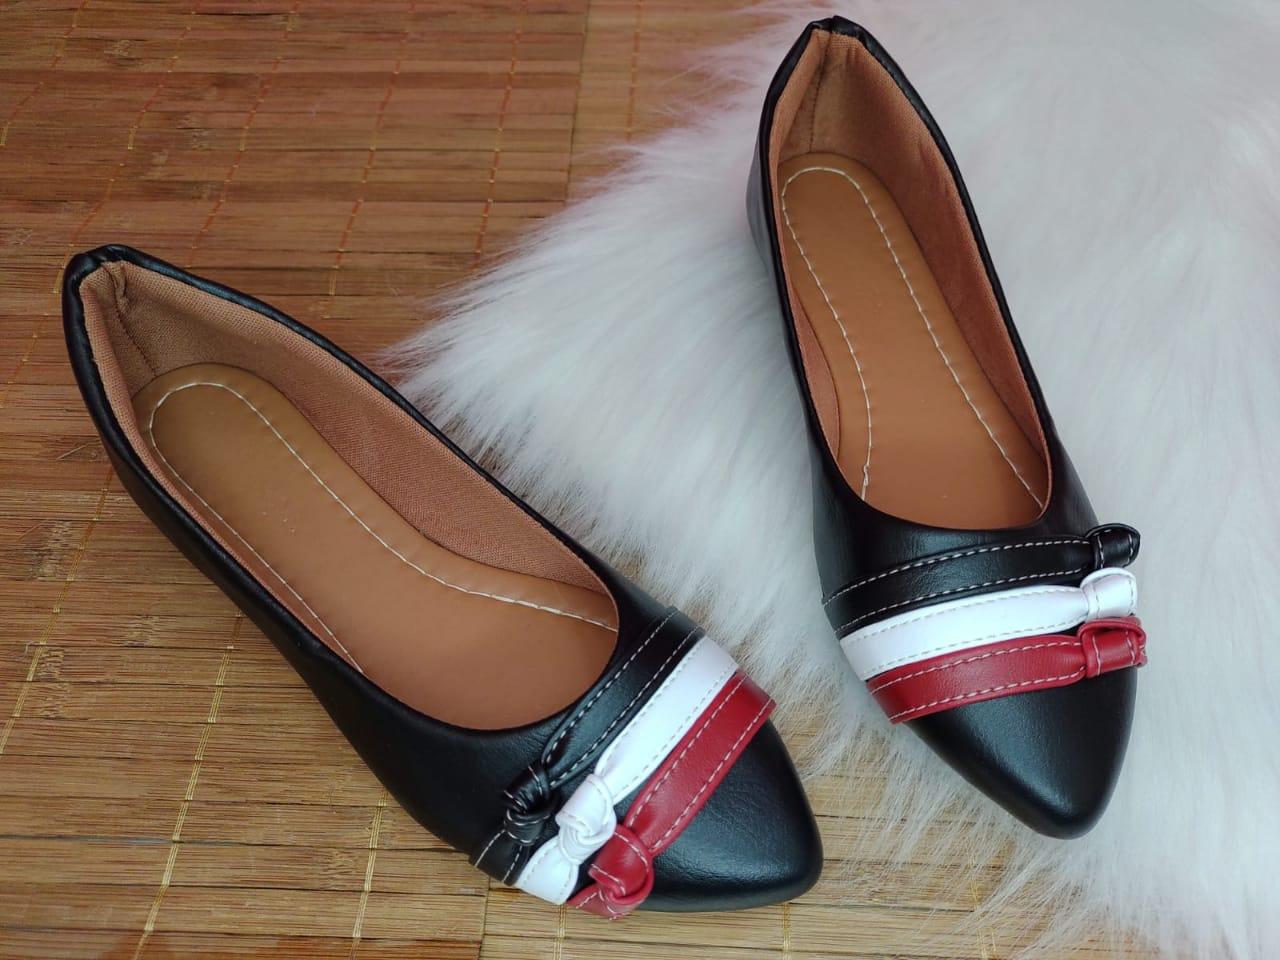 """Sapatilha Preta Fosca - Três tiras com nó cores """" preto, branco e vermelho"""""""